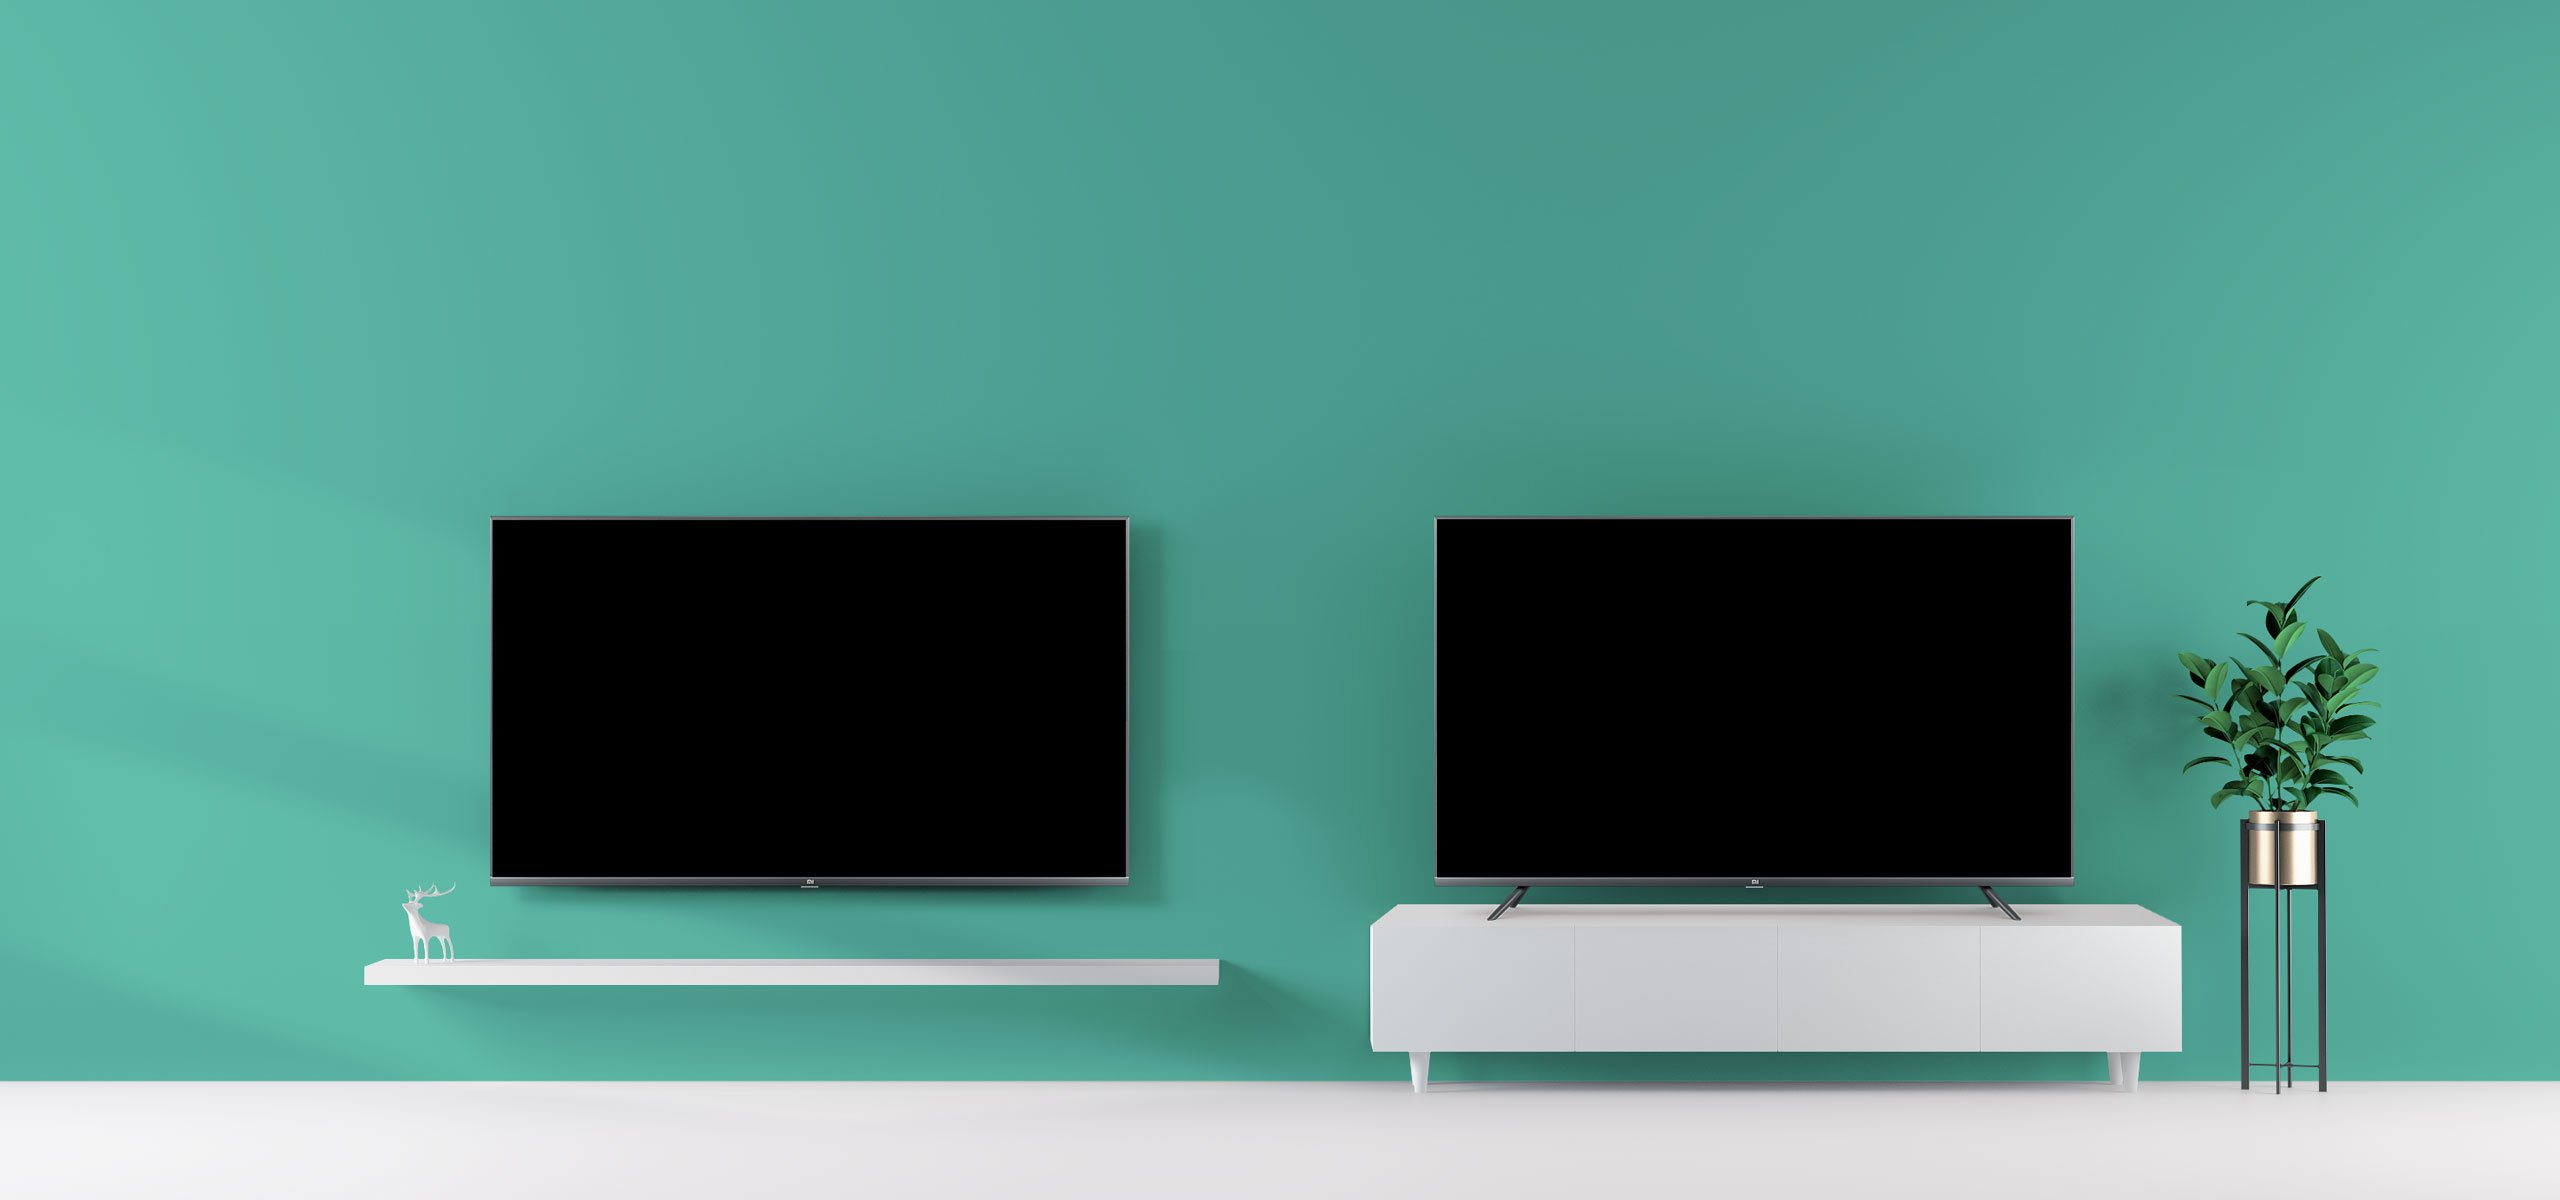 Xiaomi Mi Tv 4s : possono essere utilizzate anche con staffa a muro